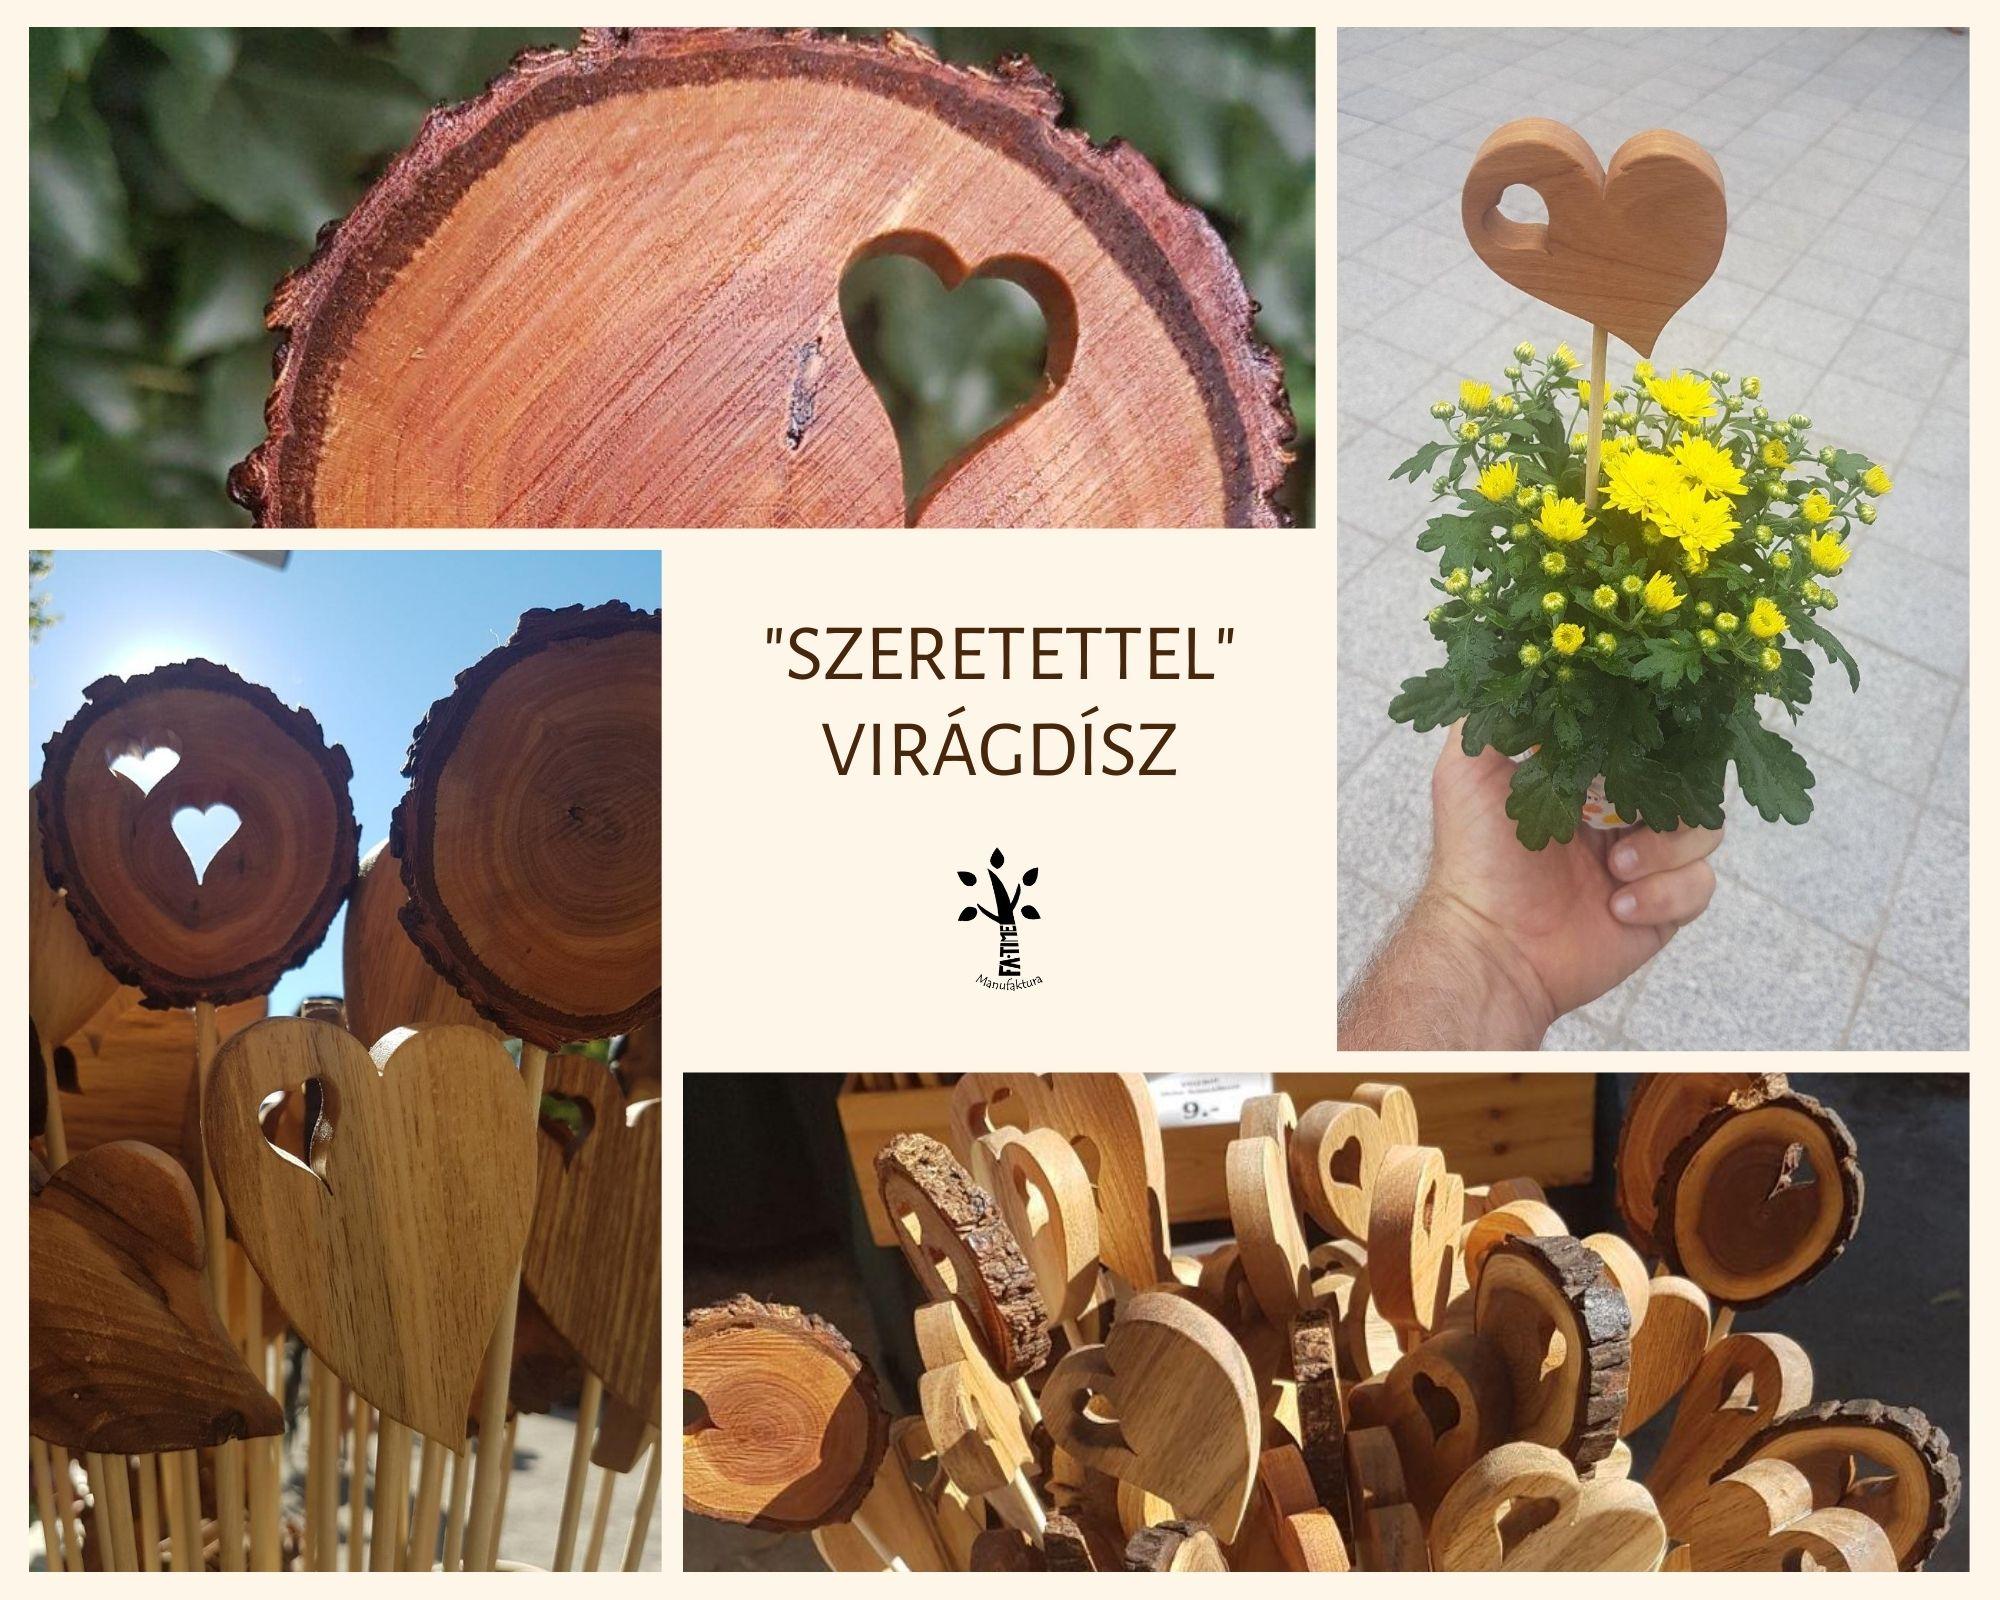 Blog 8. Asztali virágdísz fából